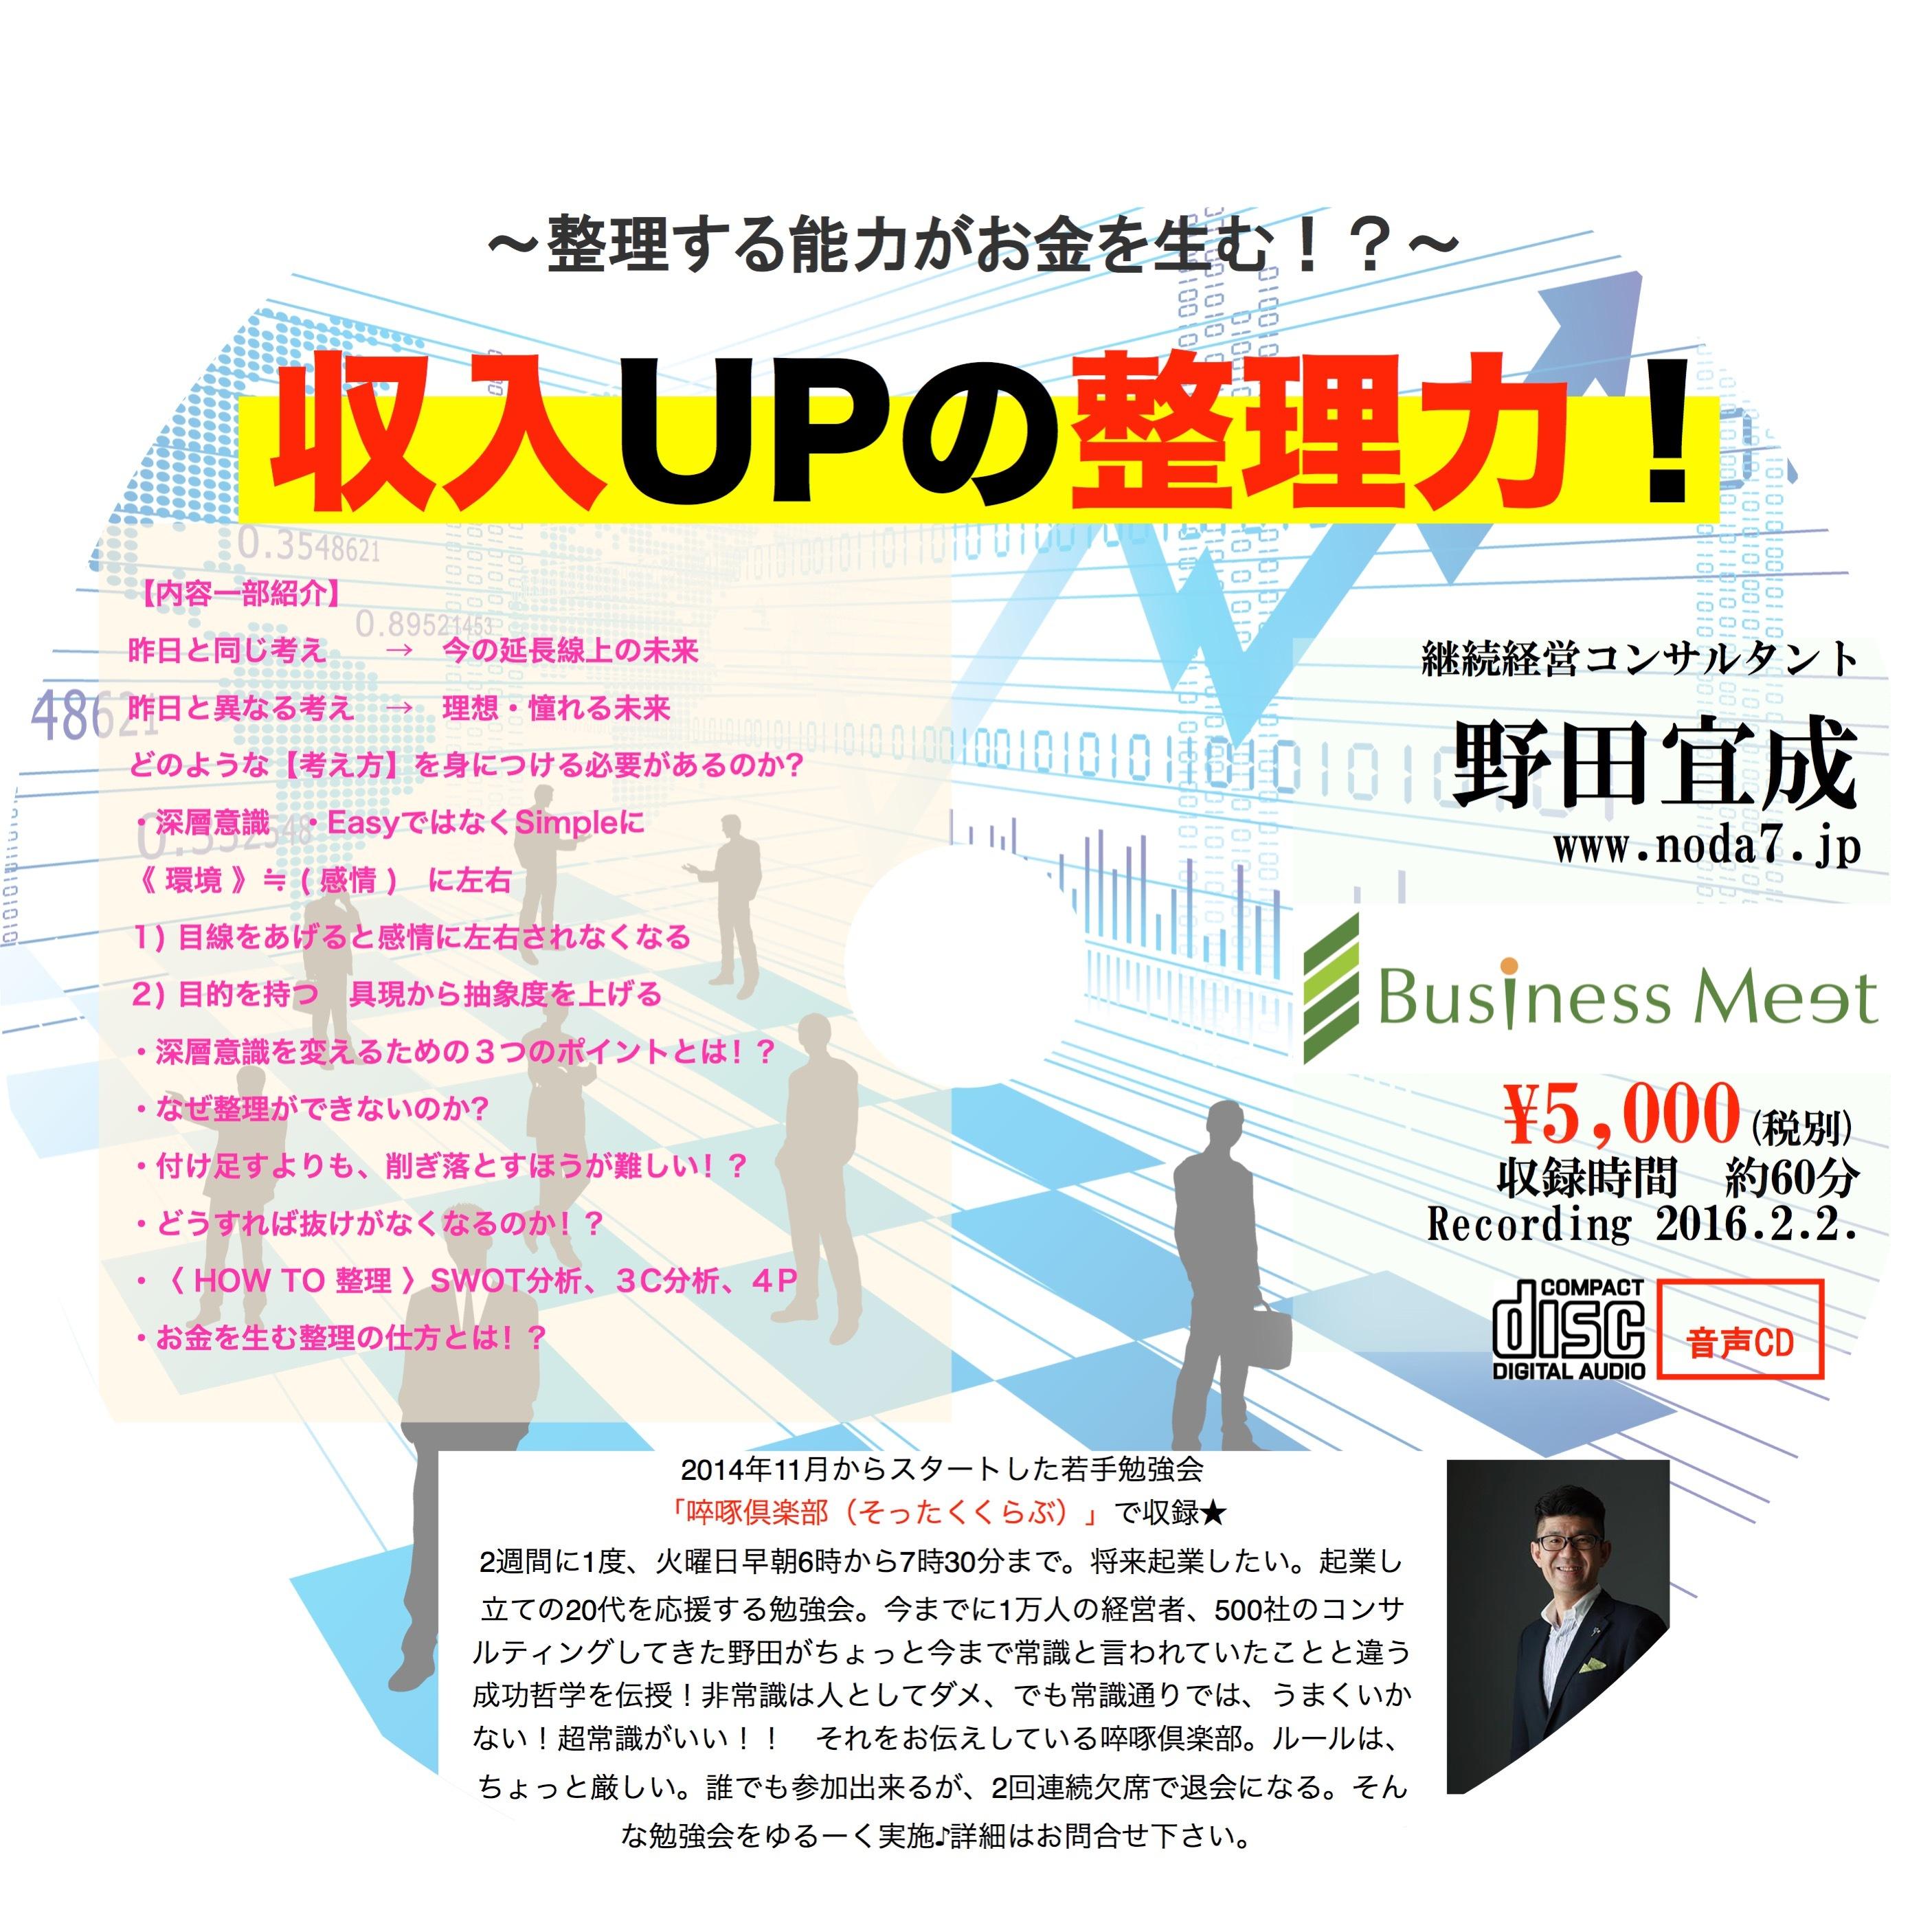 [CD]収入UPの整理力!〜整理する能力がお金を生む!?〜